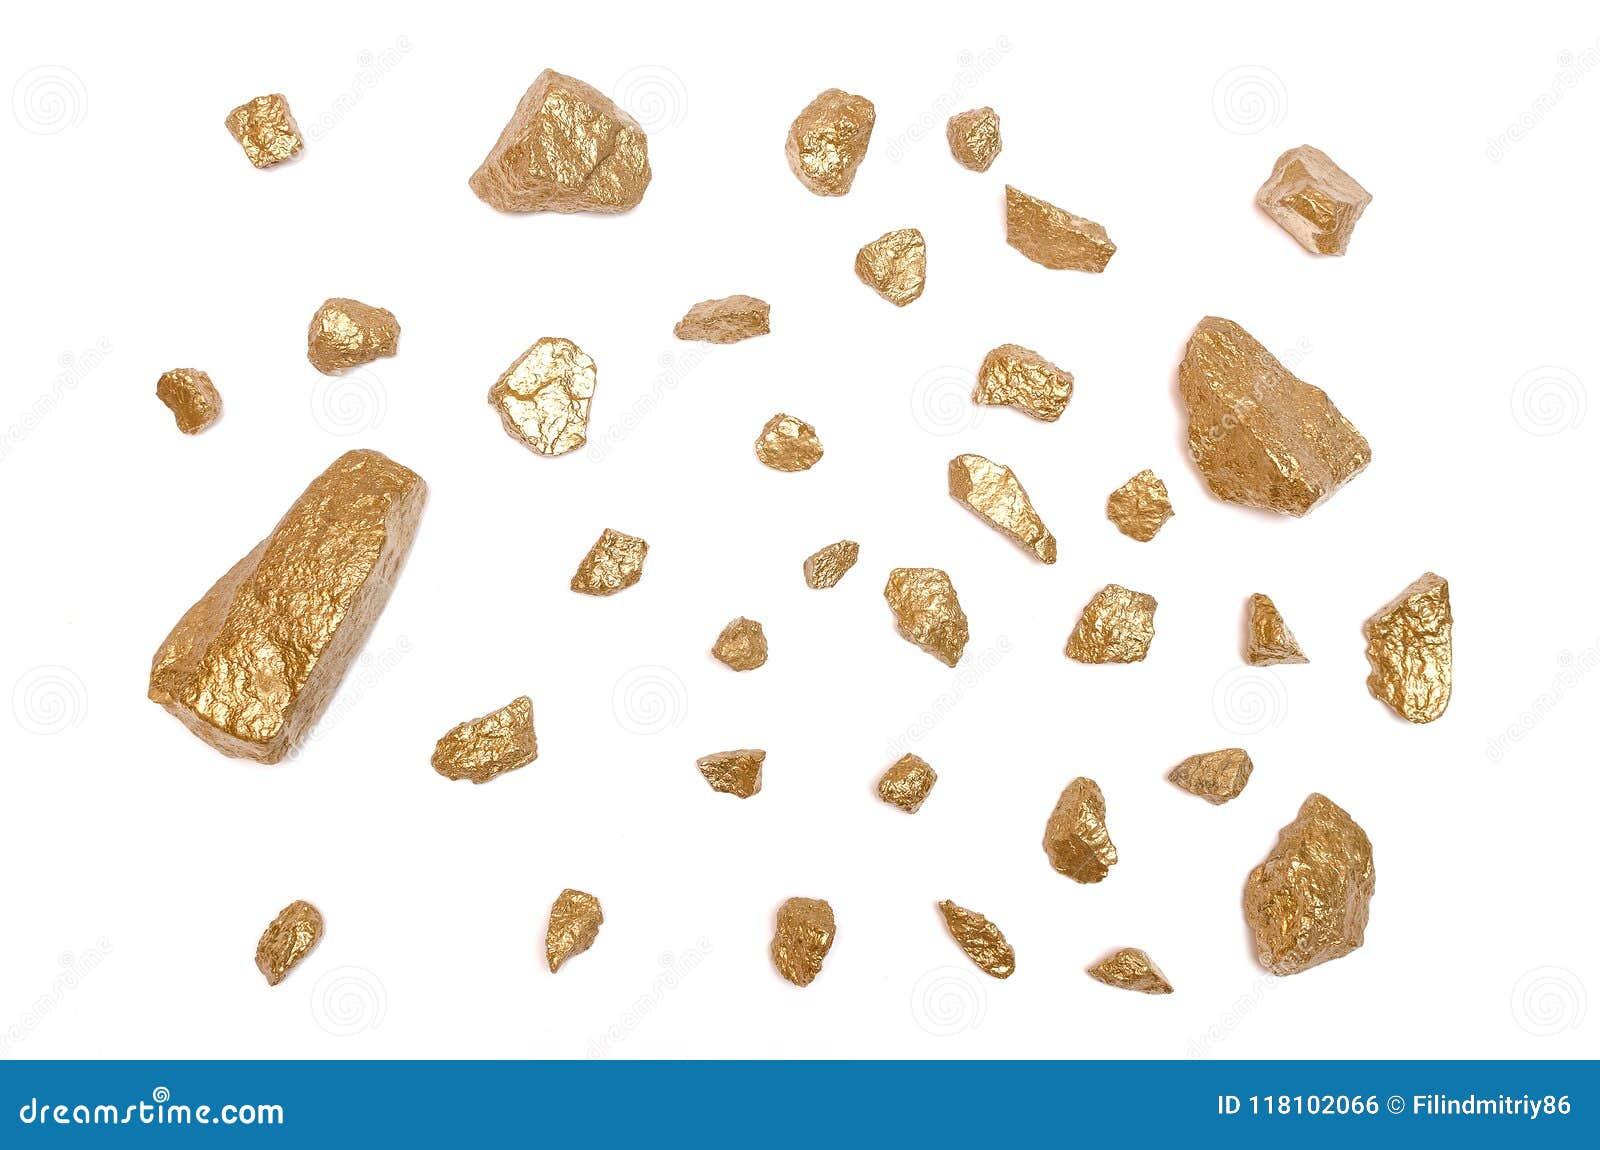 Gold nuggets ore  stock photo  Image of fake, orange - 118102066